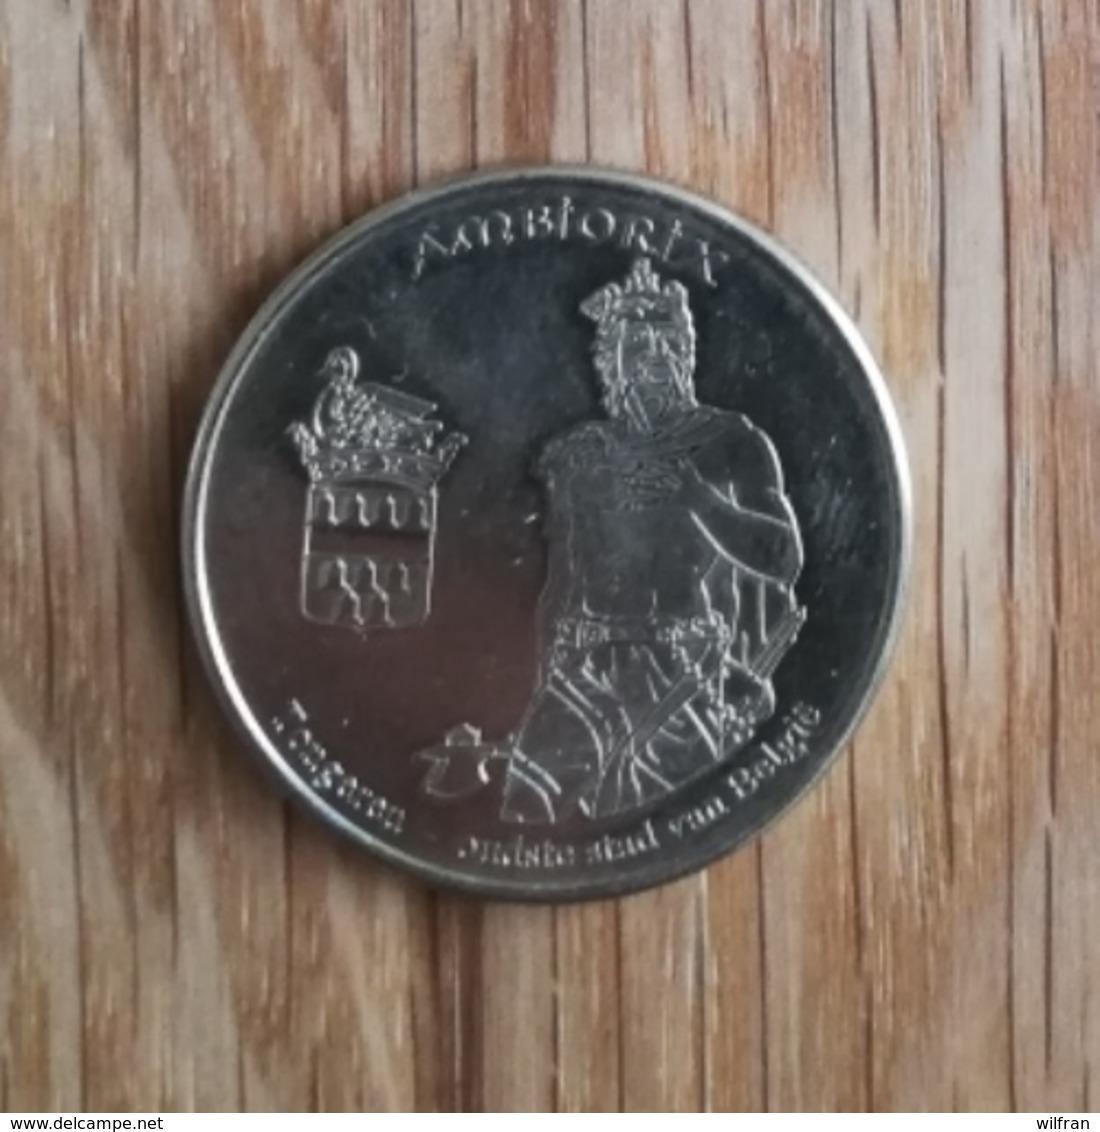 3273 Vz Ambiorix Tongeren Oudste Stad Van België - Kz Belgian Heritage Collectors Coin - Belgium